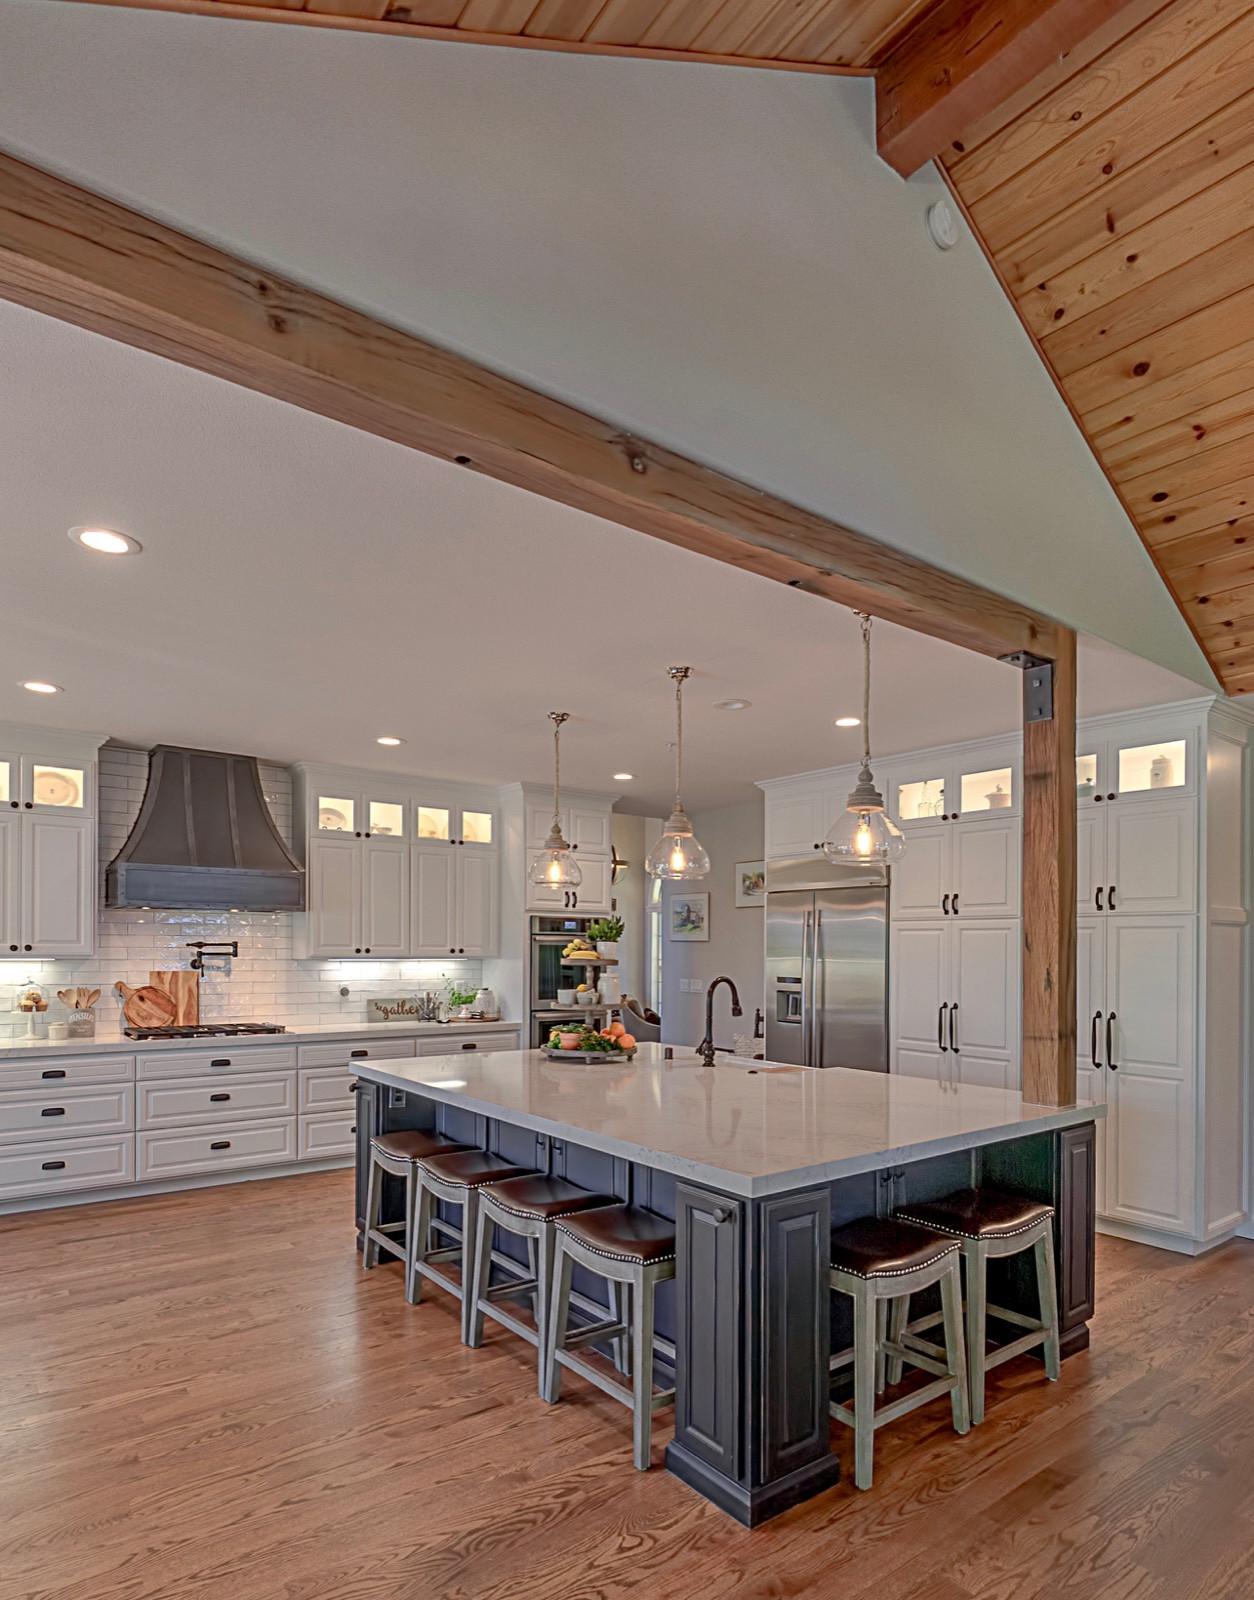 Contemporary Farmhouse Kitchen Remodel